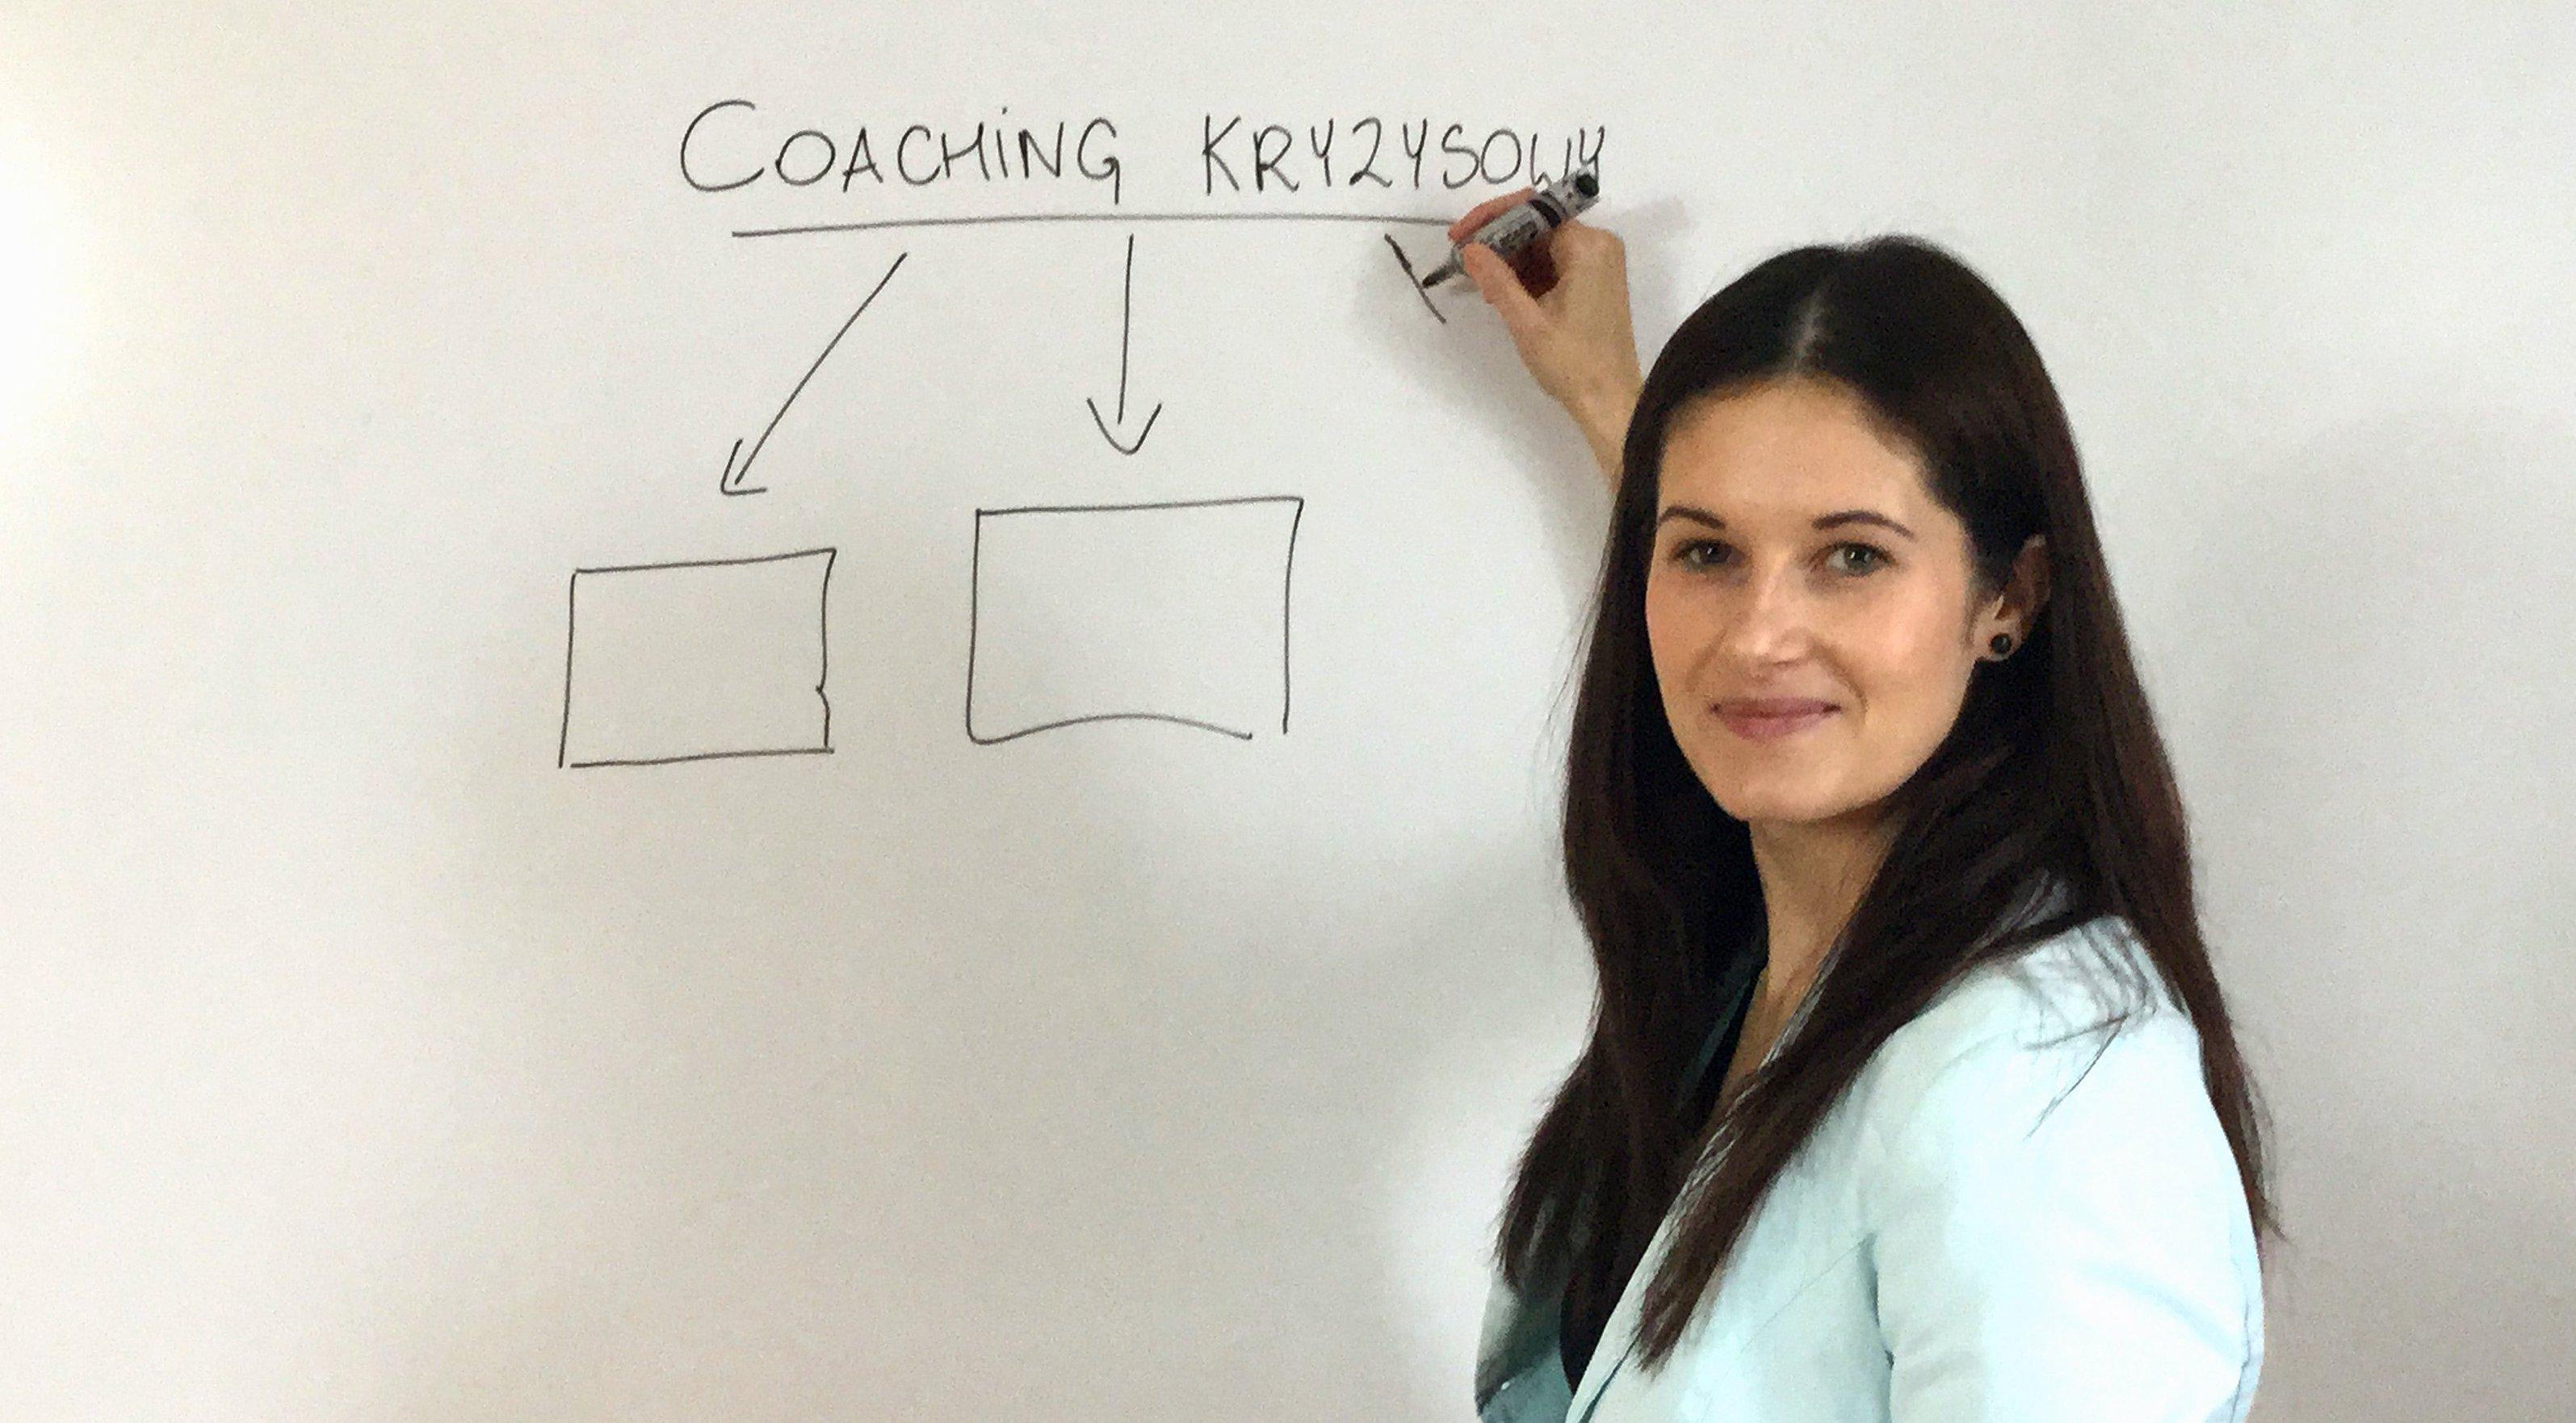 Interesująca rozmowa o coachingu kryzysowym…